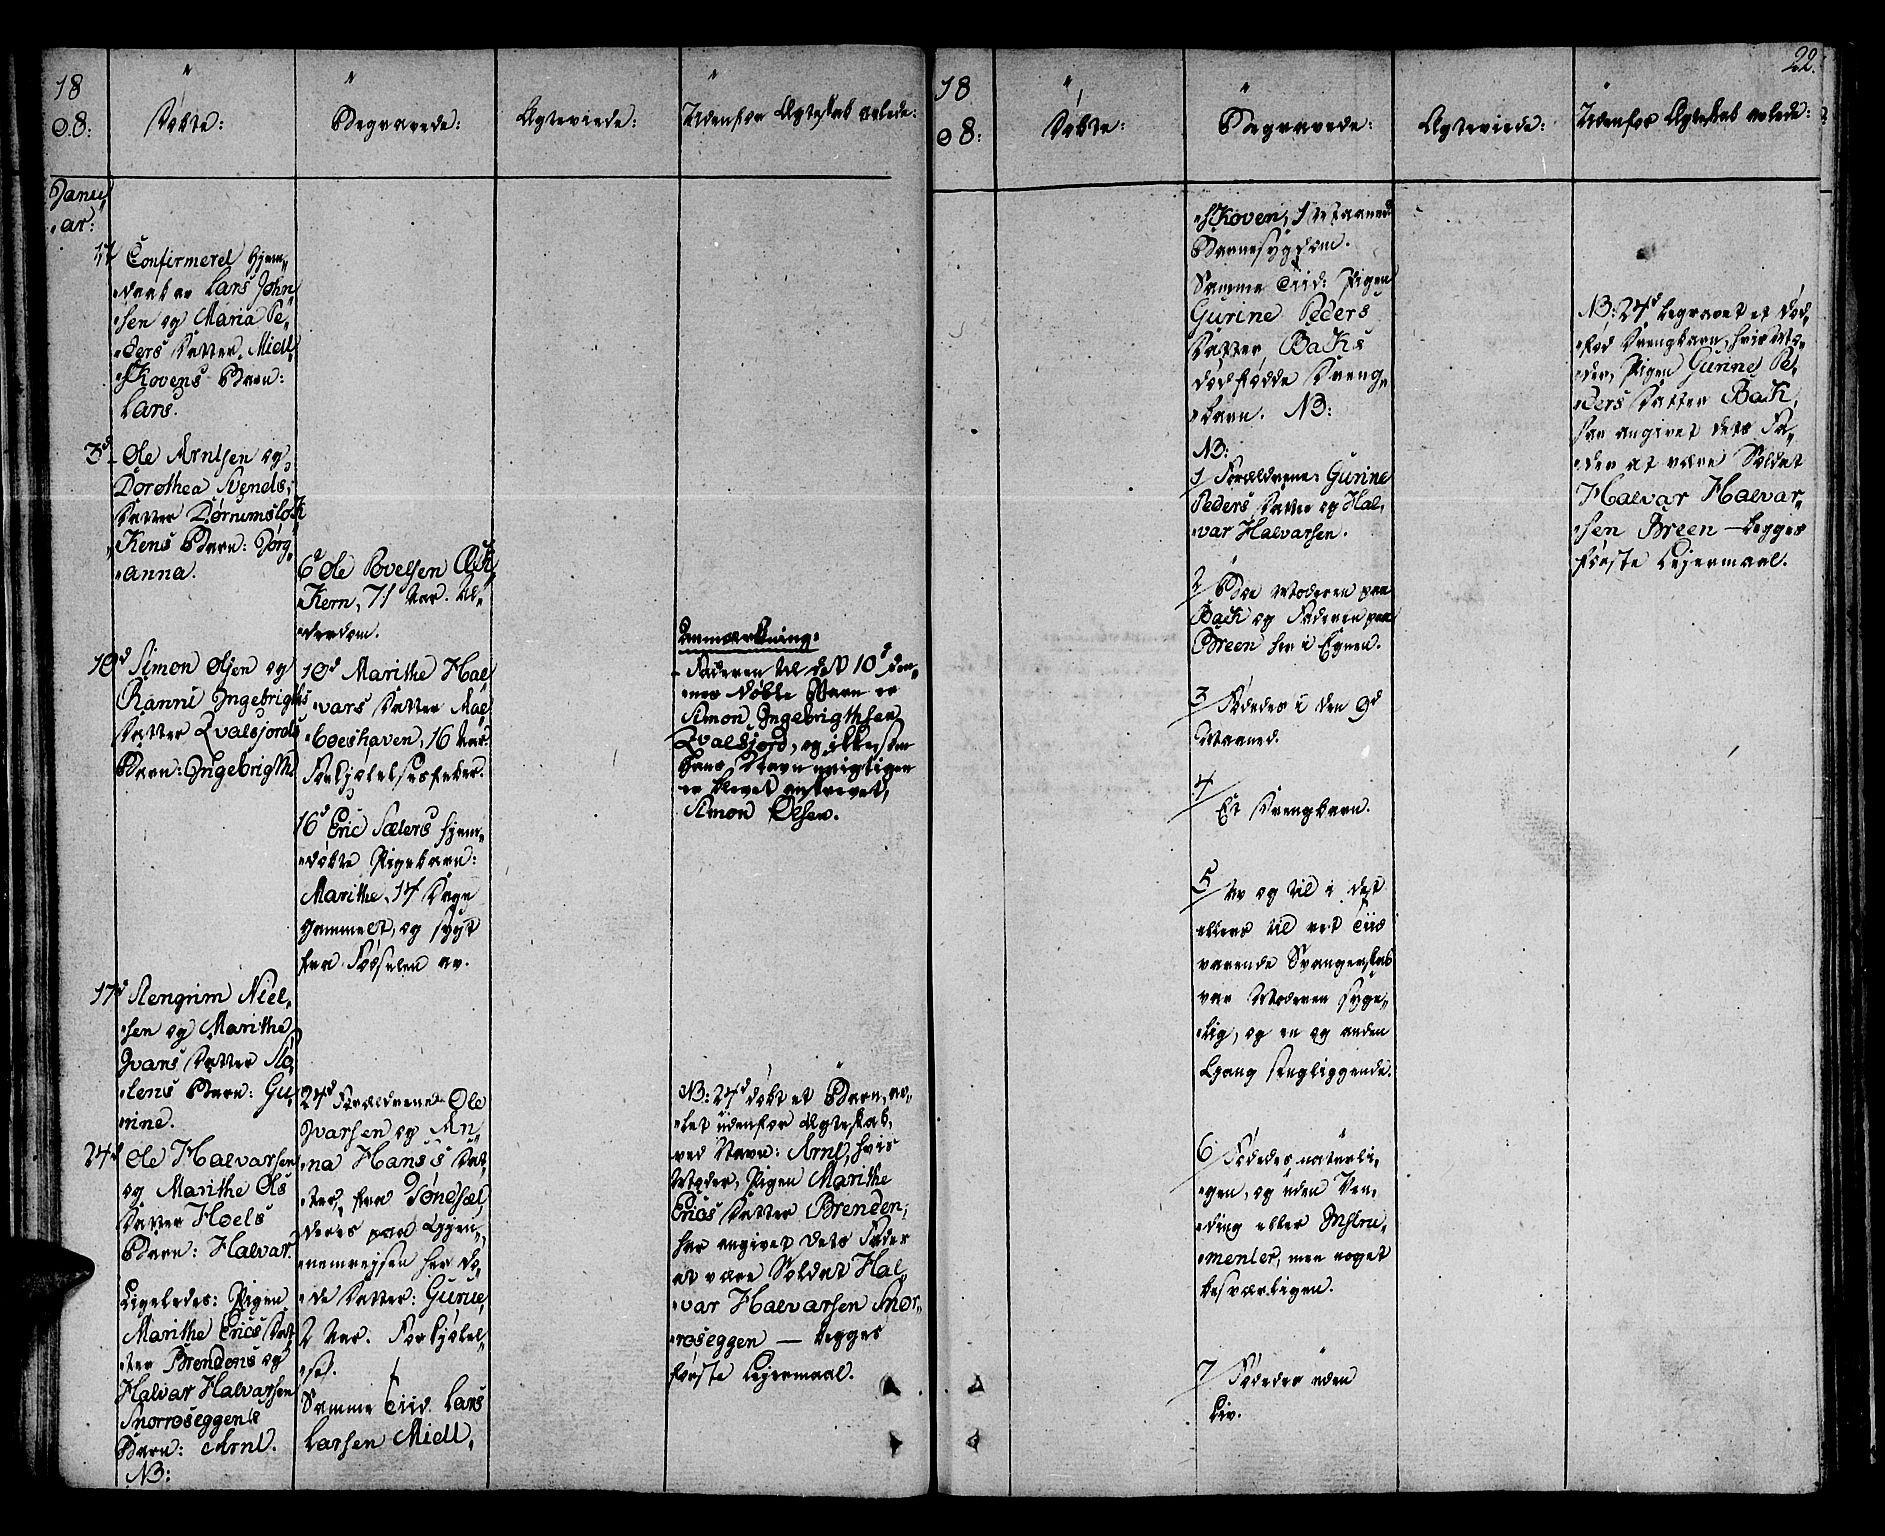 SAT, Ministerialprotokoller, klokkerbøker og fødselsregistre - Sør-Trøndelag, 678/L0894: Ministerialbok nr. 678A04, 1806-1815, s. 22